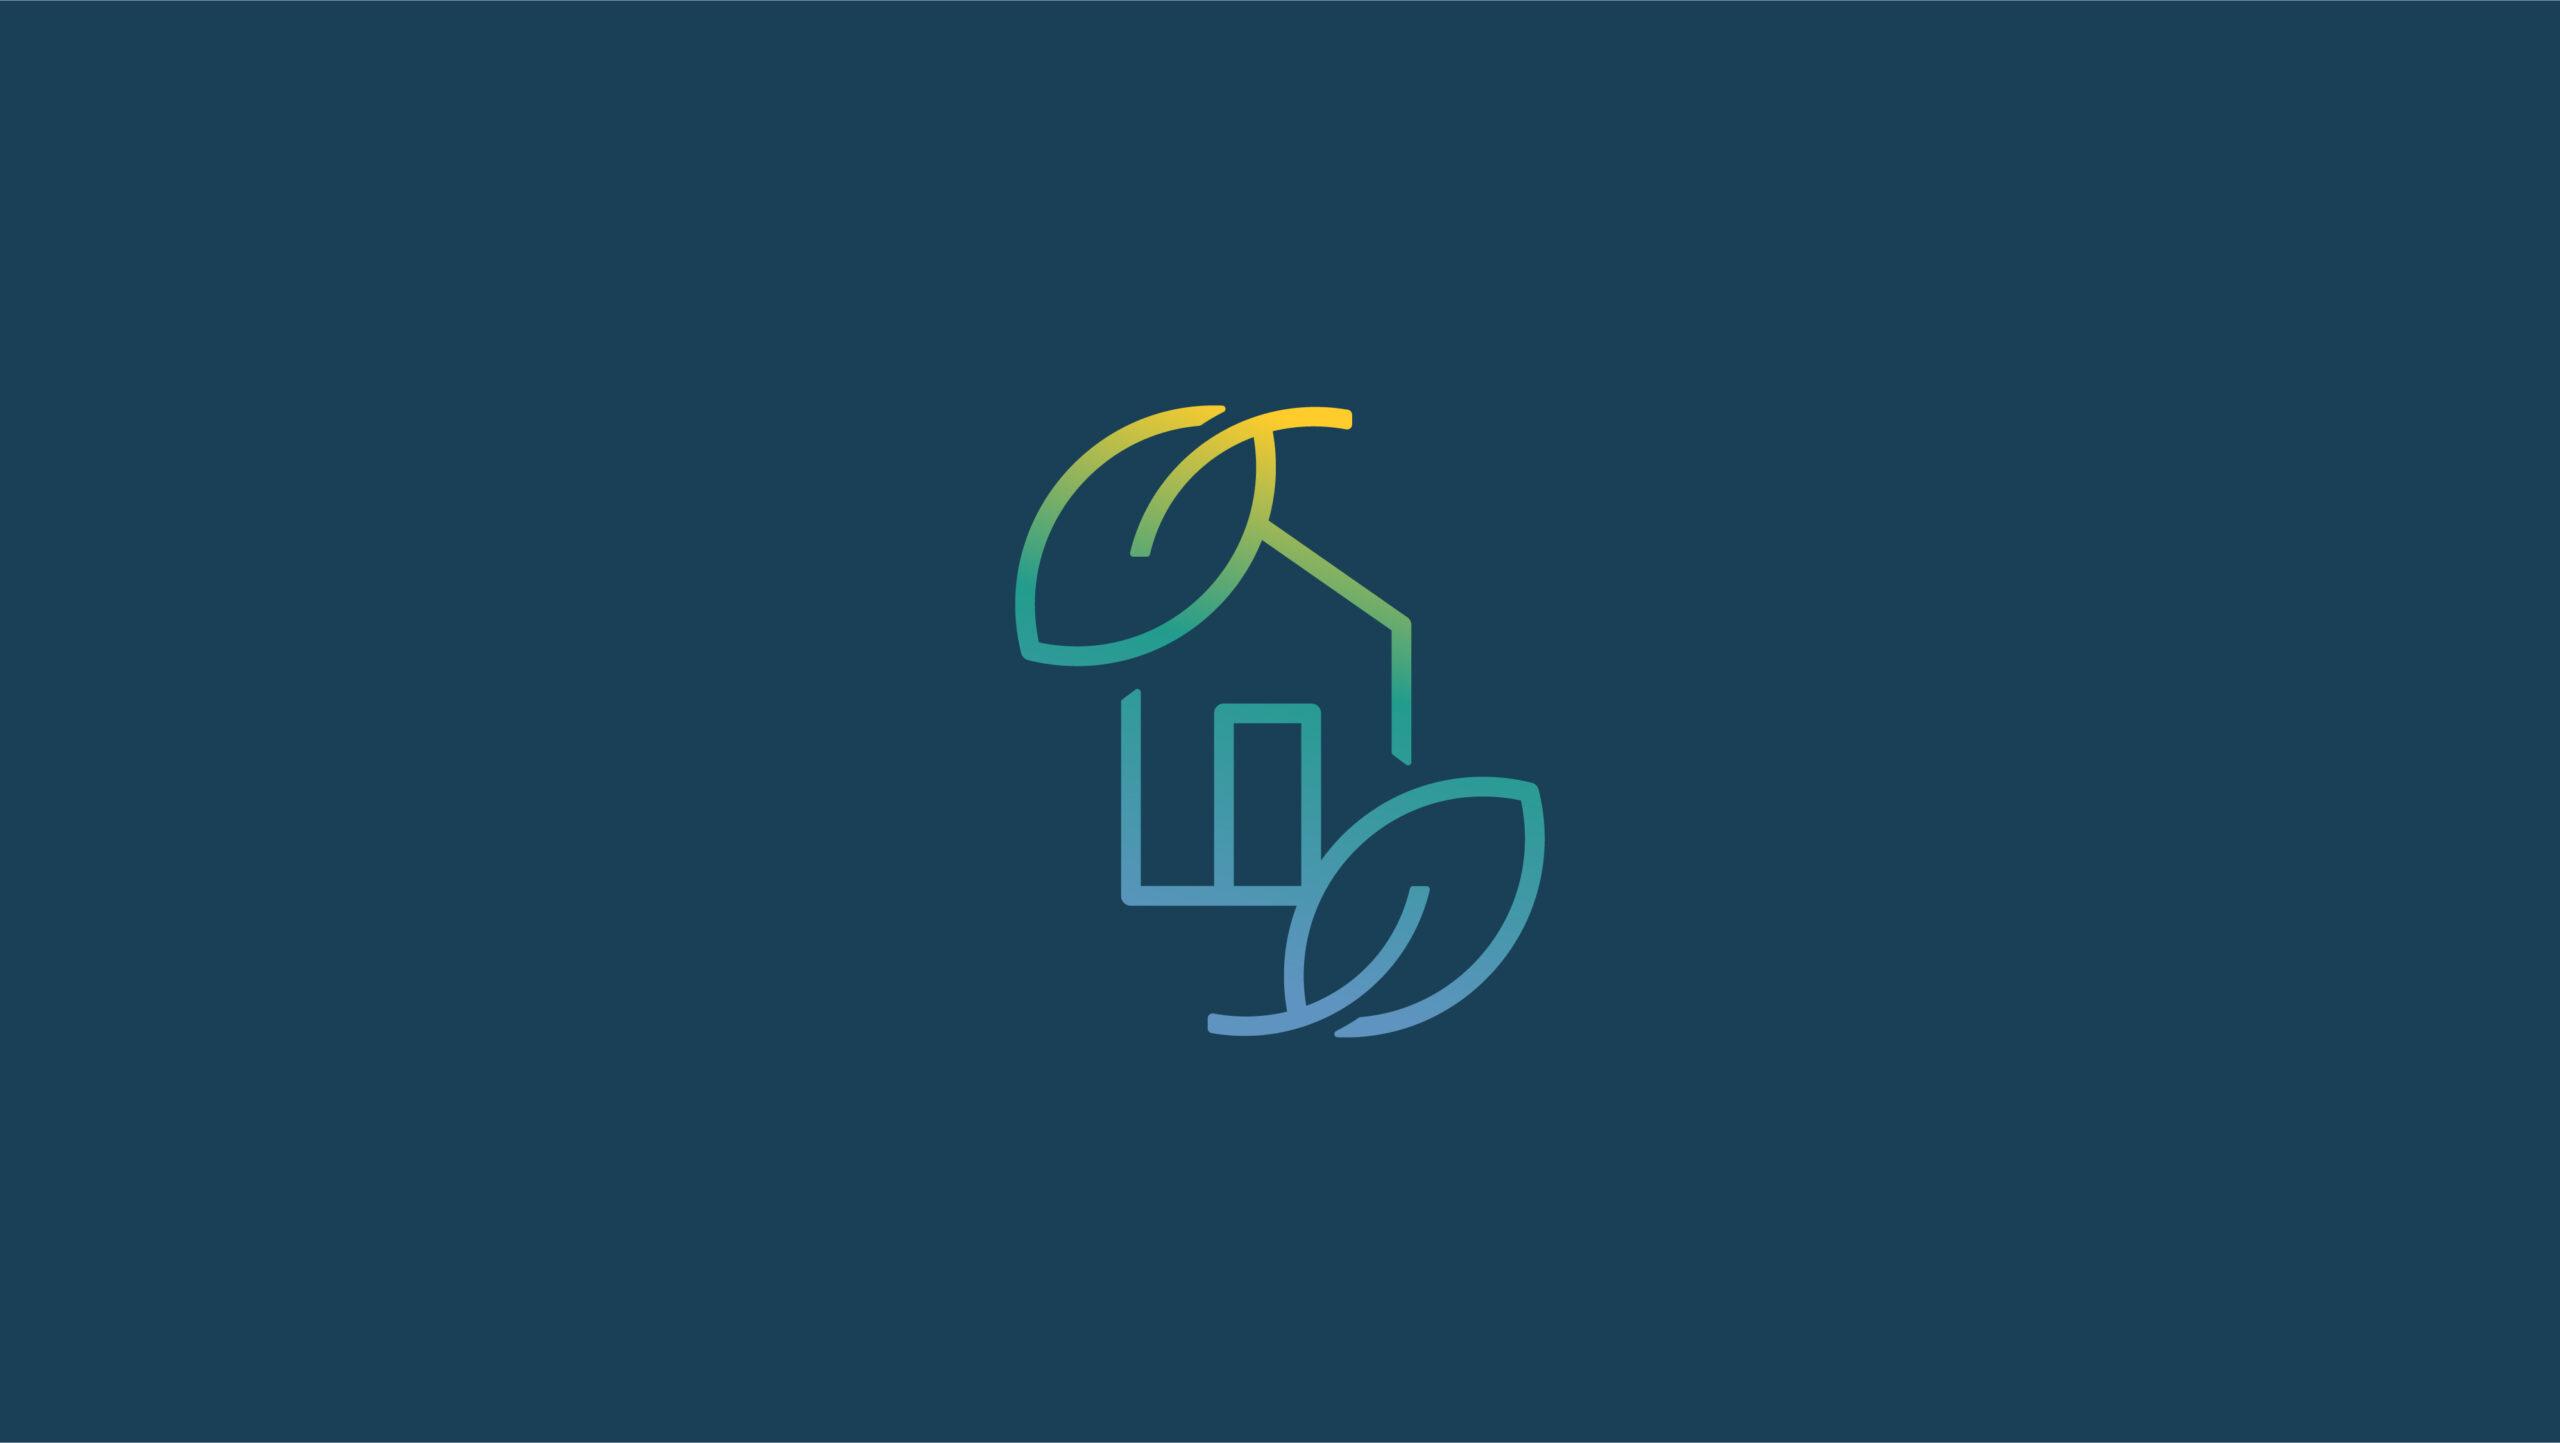 Lanatta-Branding-and-Design-Casa-Mais-Sustentavel-Consorcio-PCJ-2